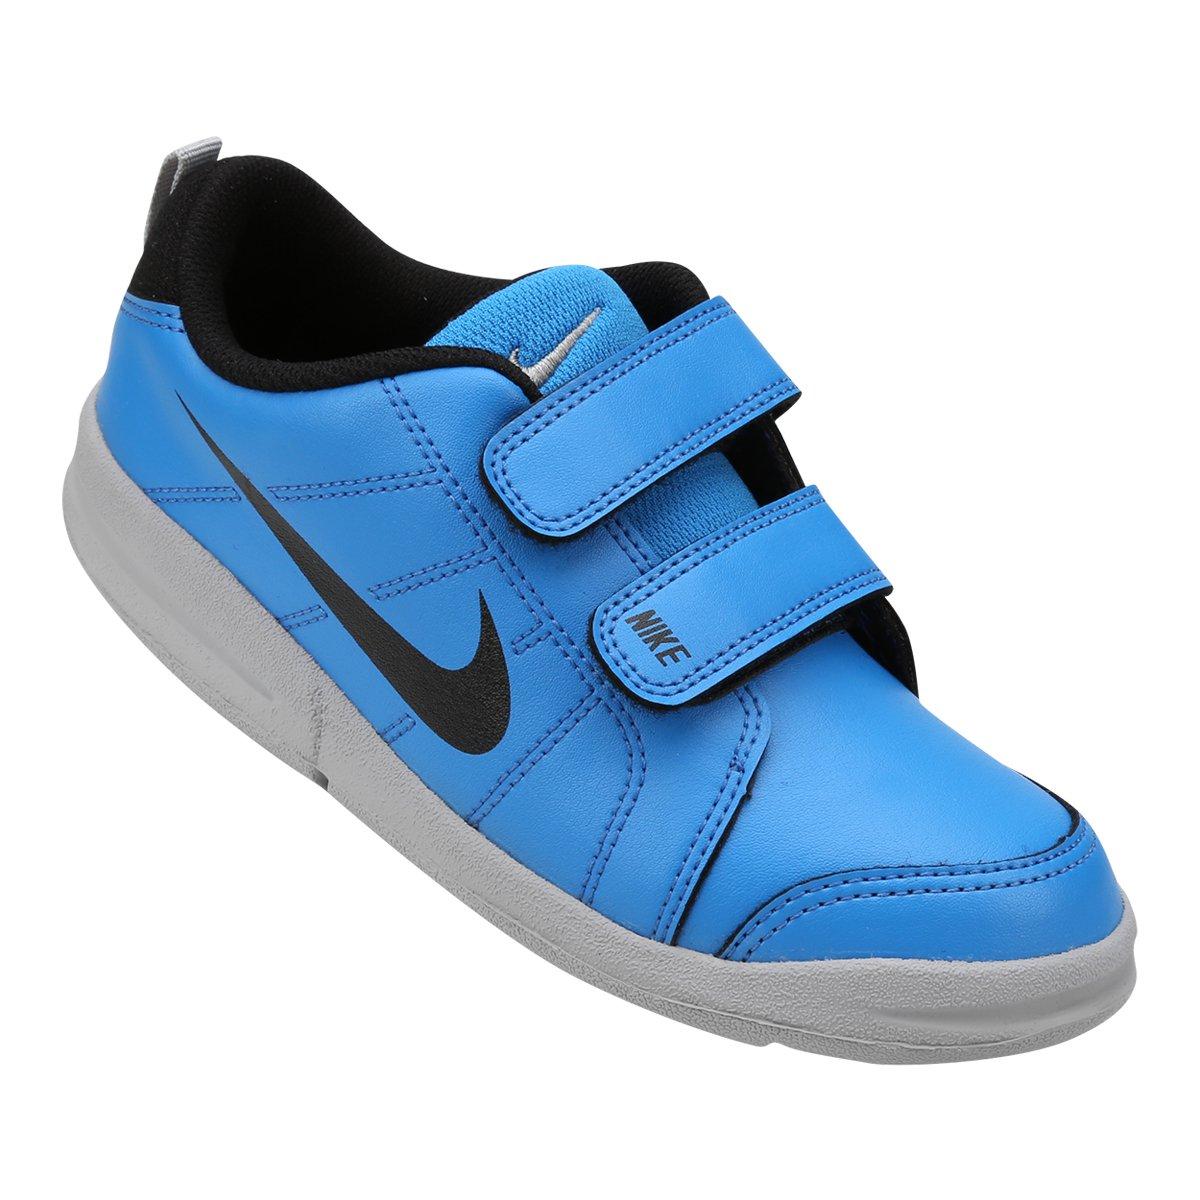 fbc8c65f7d2 Tênis Infantil Nike Pico Lt - Azul e Cinza - Compre Agora